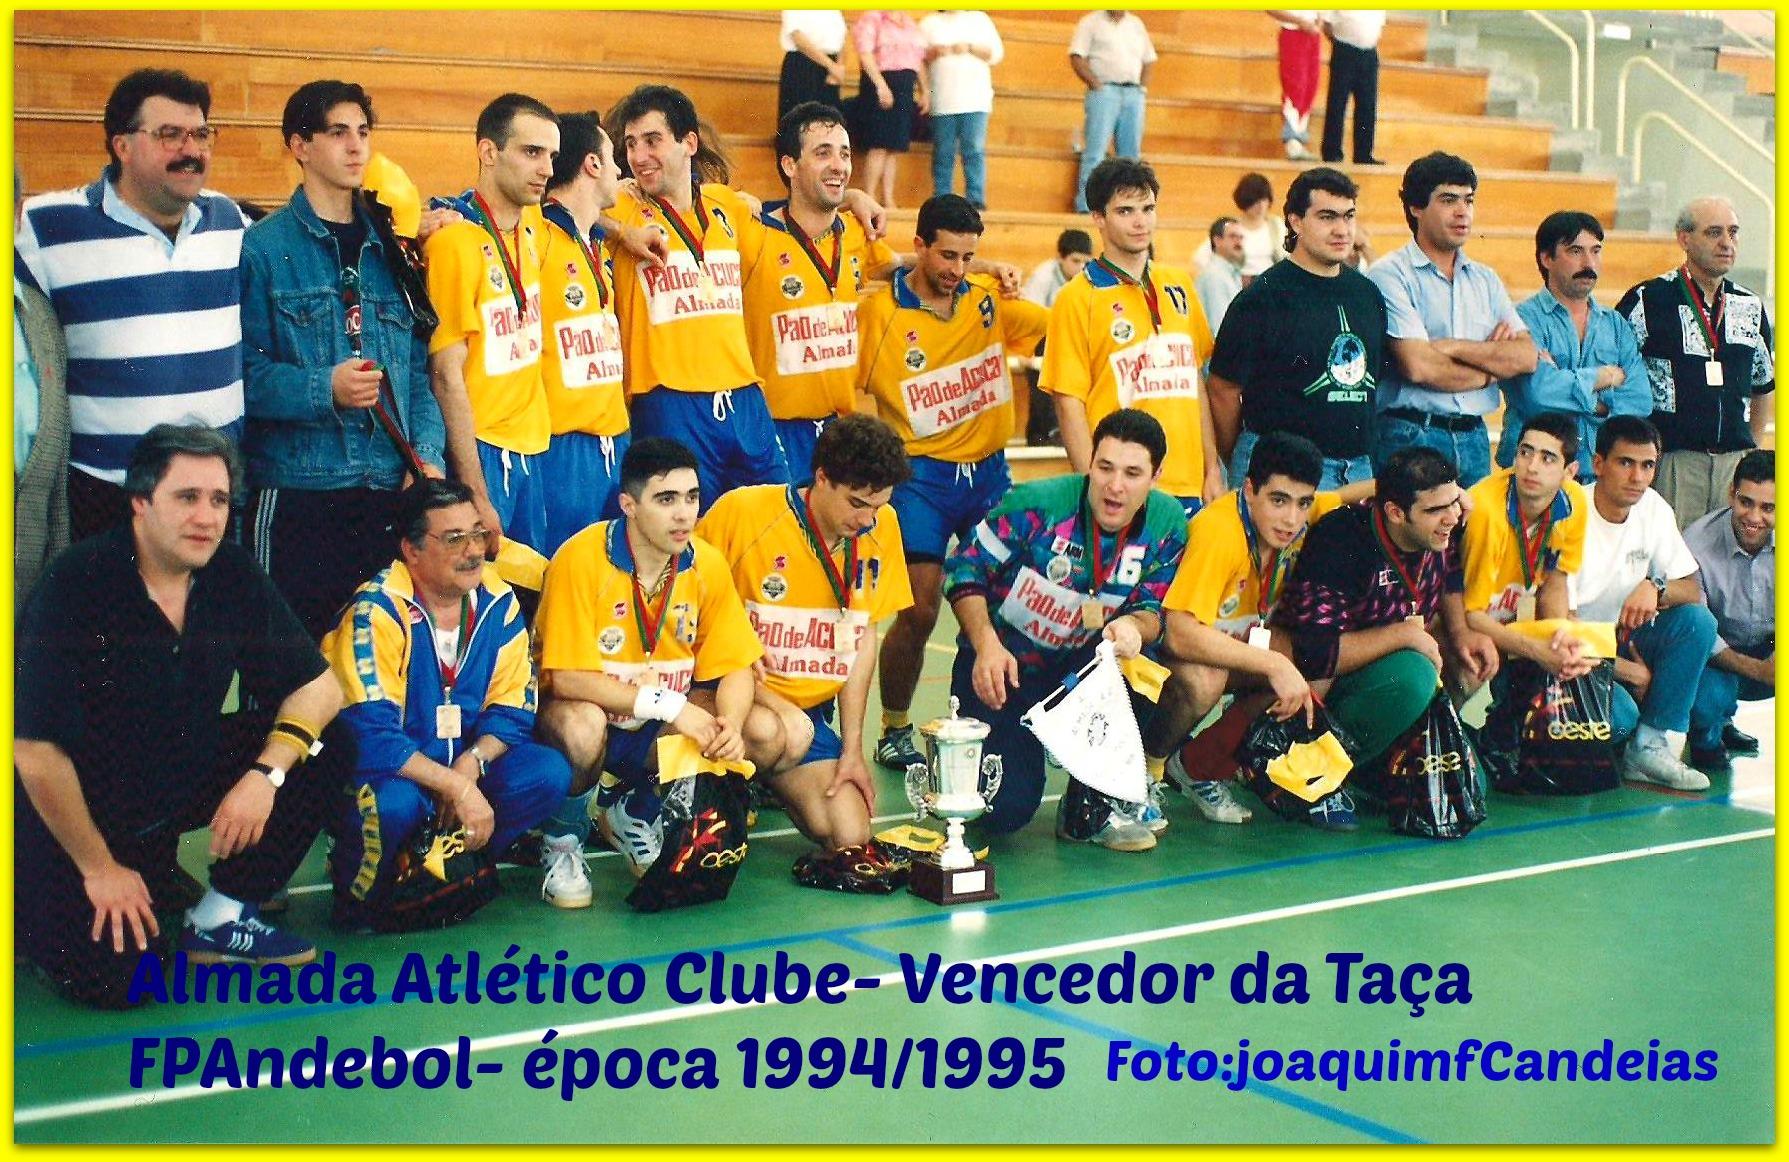 Almada,vencedor da Taça FPandebol-foto joaquimfca